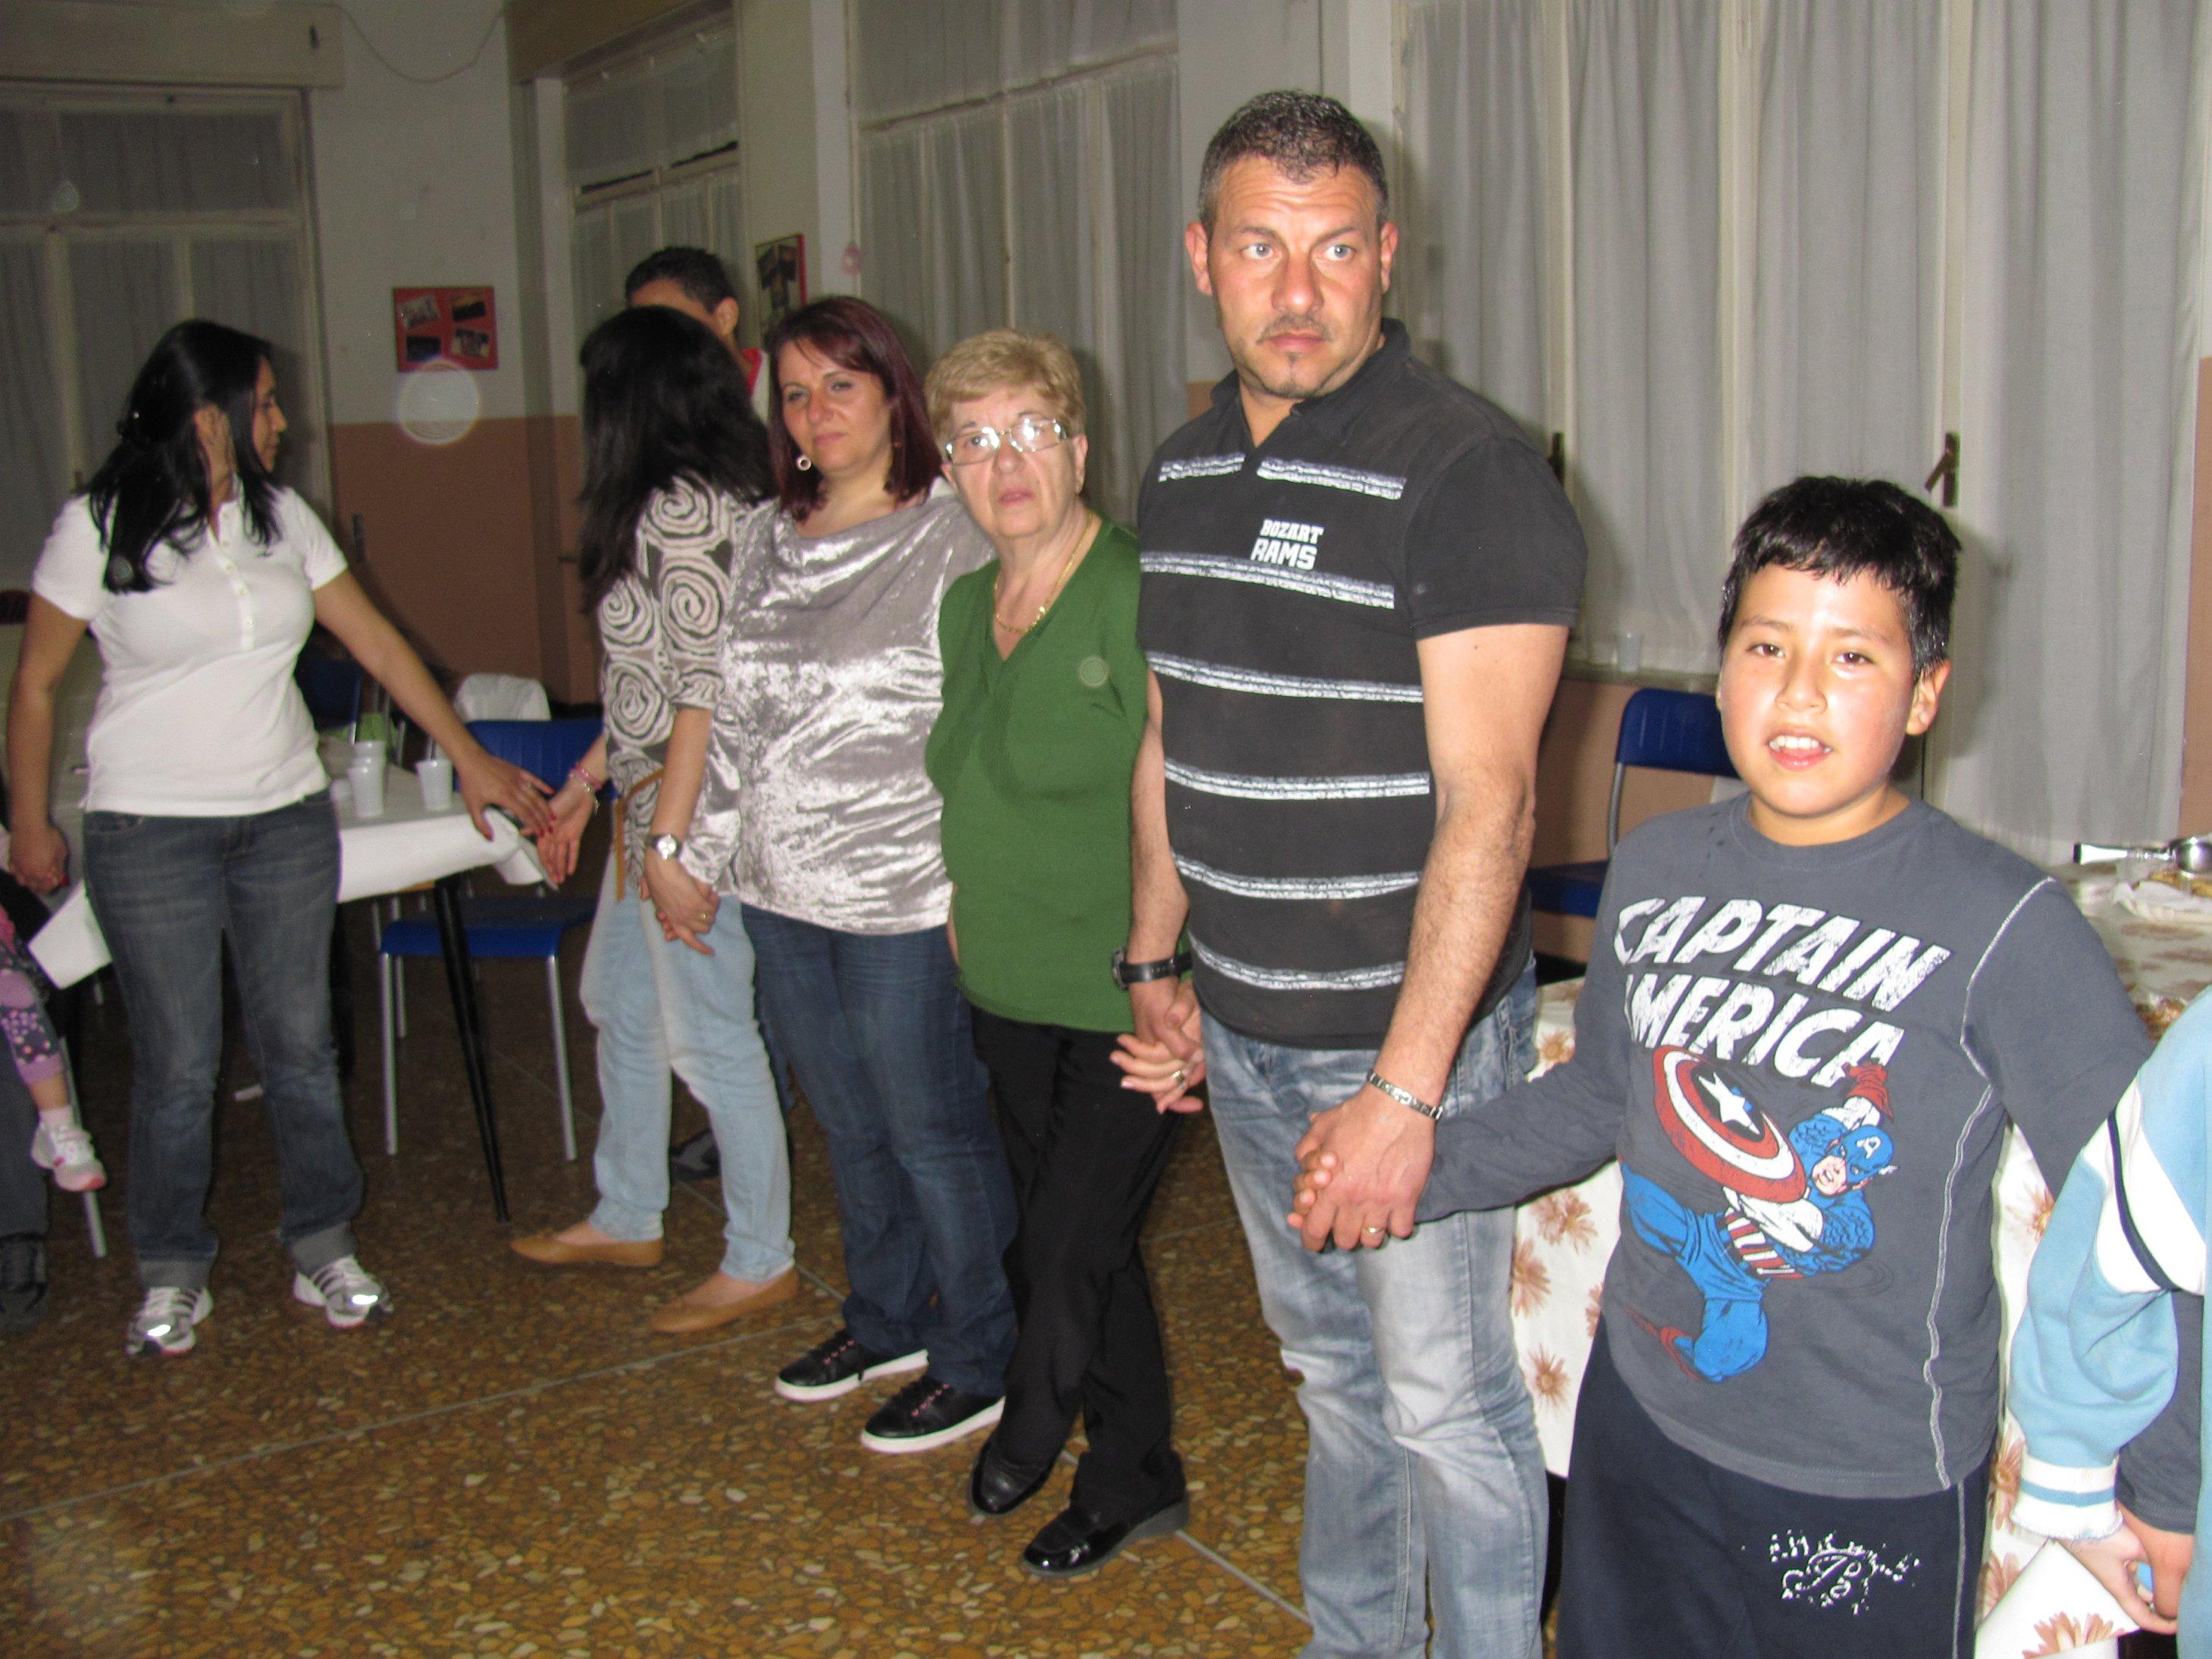 cena_prima_comunione_2012-04-28-21-07-58